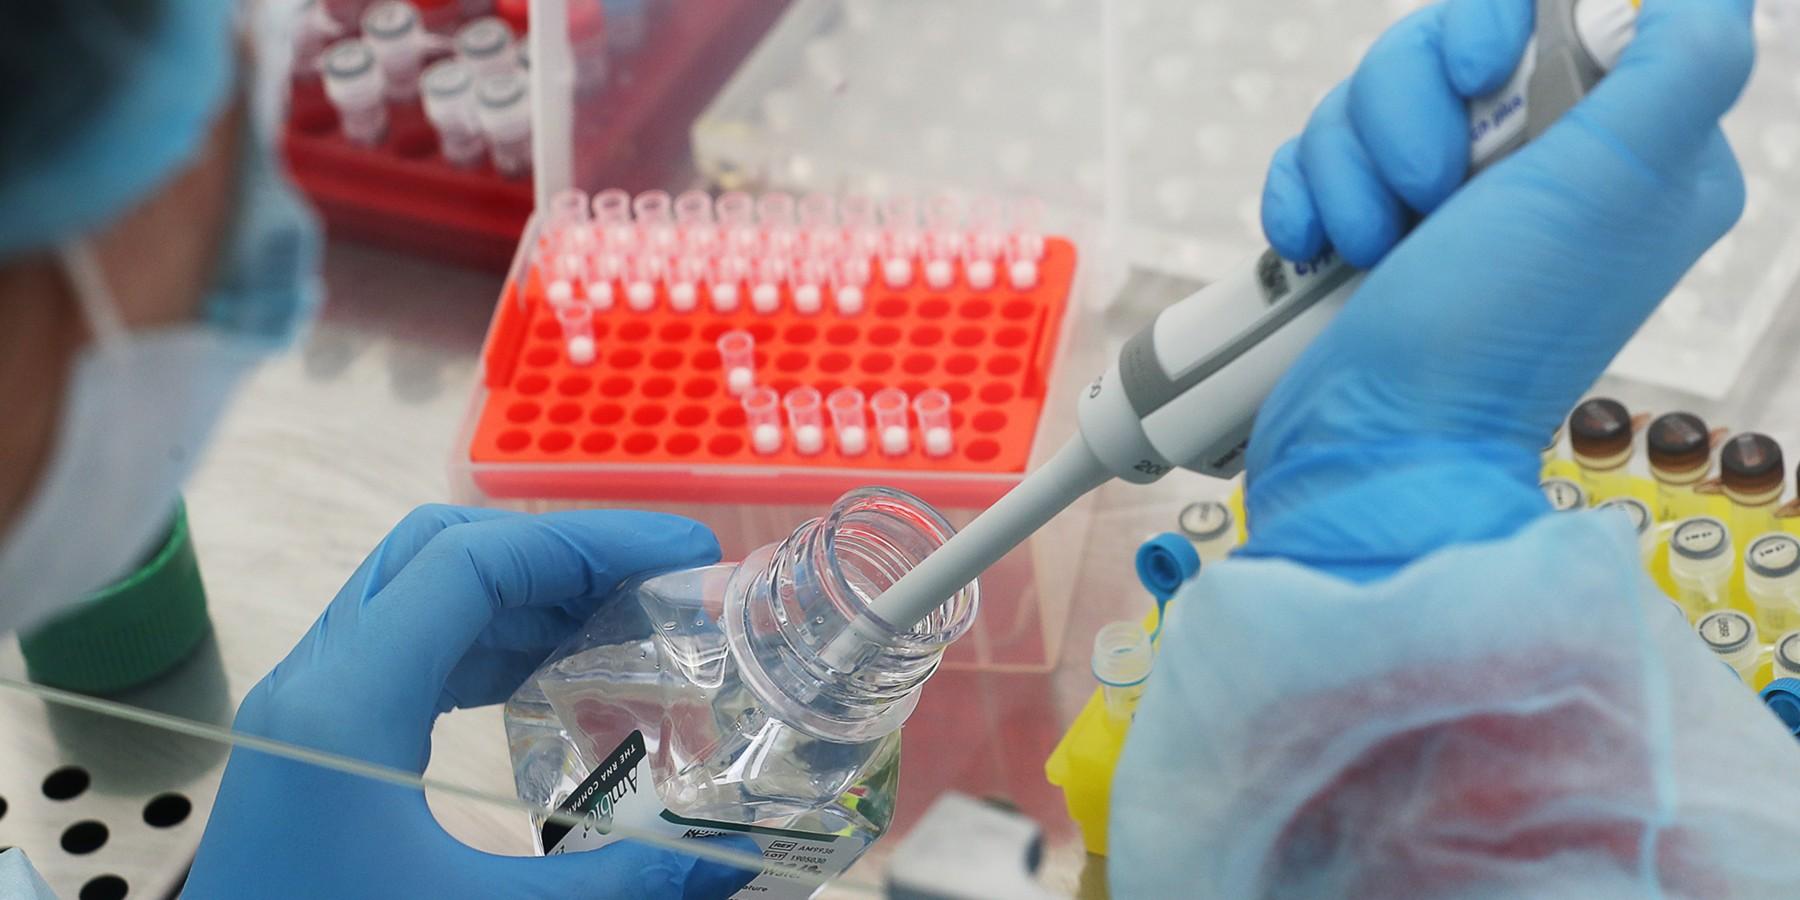 Роспотребнадзор признал «Магнарил» эффективным против коронавируса